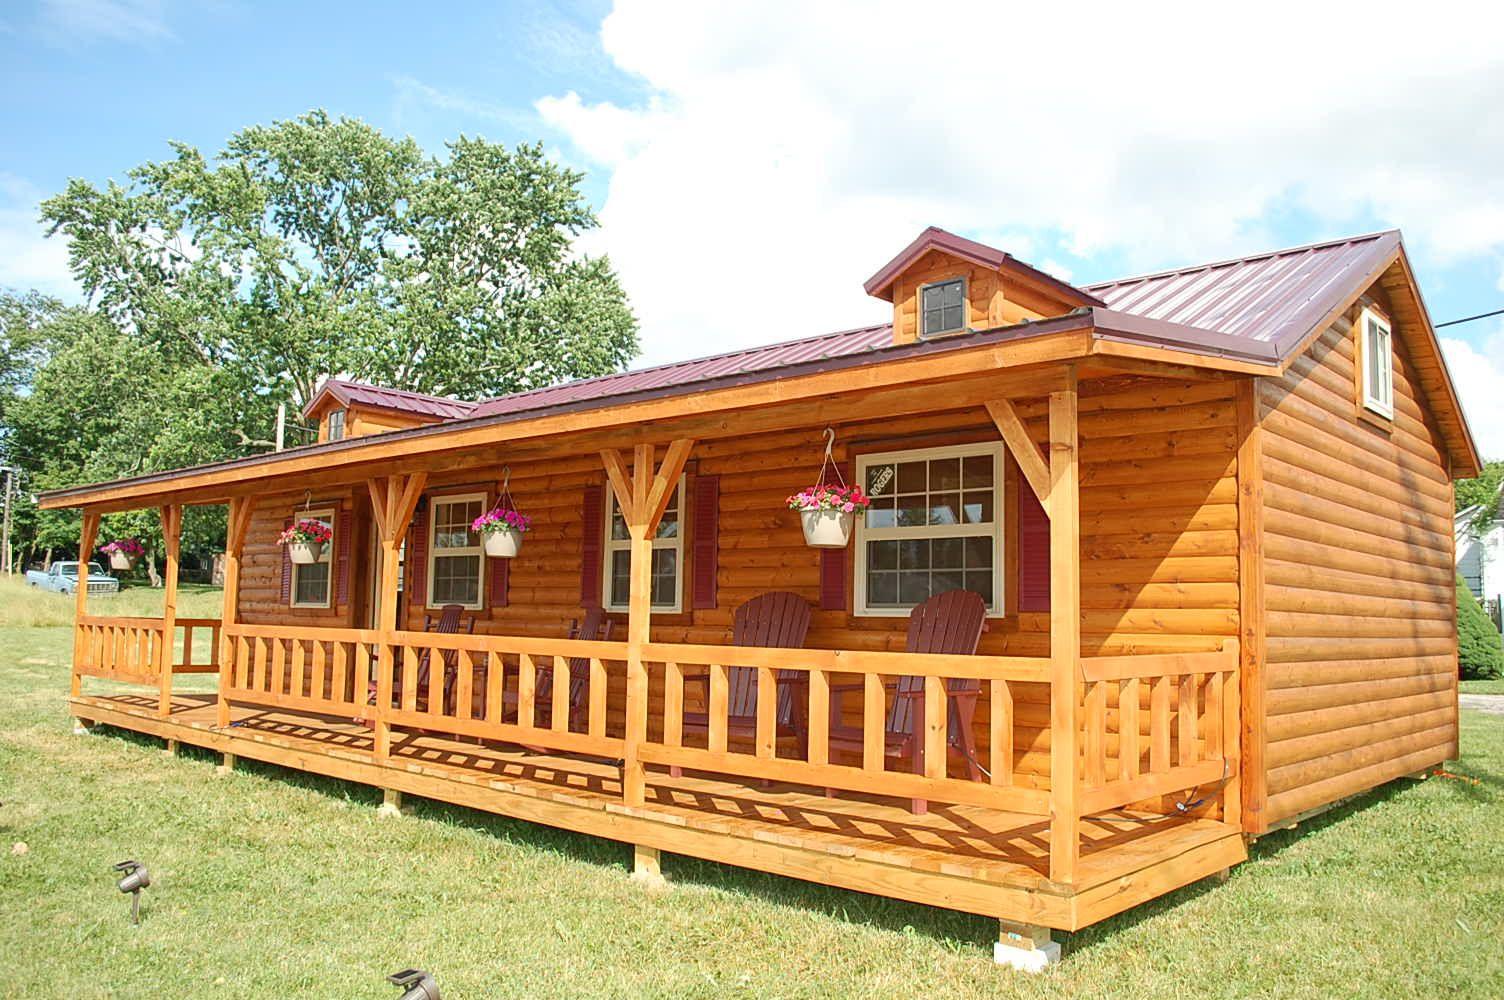 amish cabin company photos | Amish Cabin Appalachian | down size ...